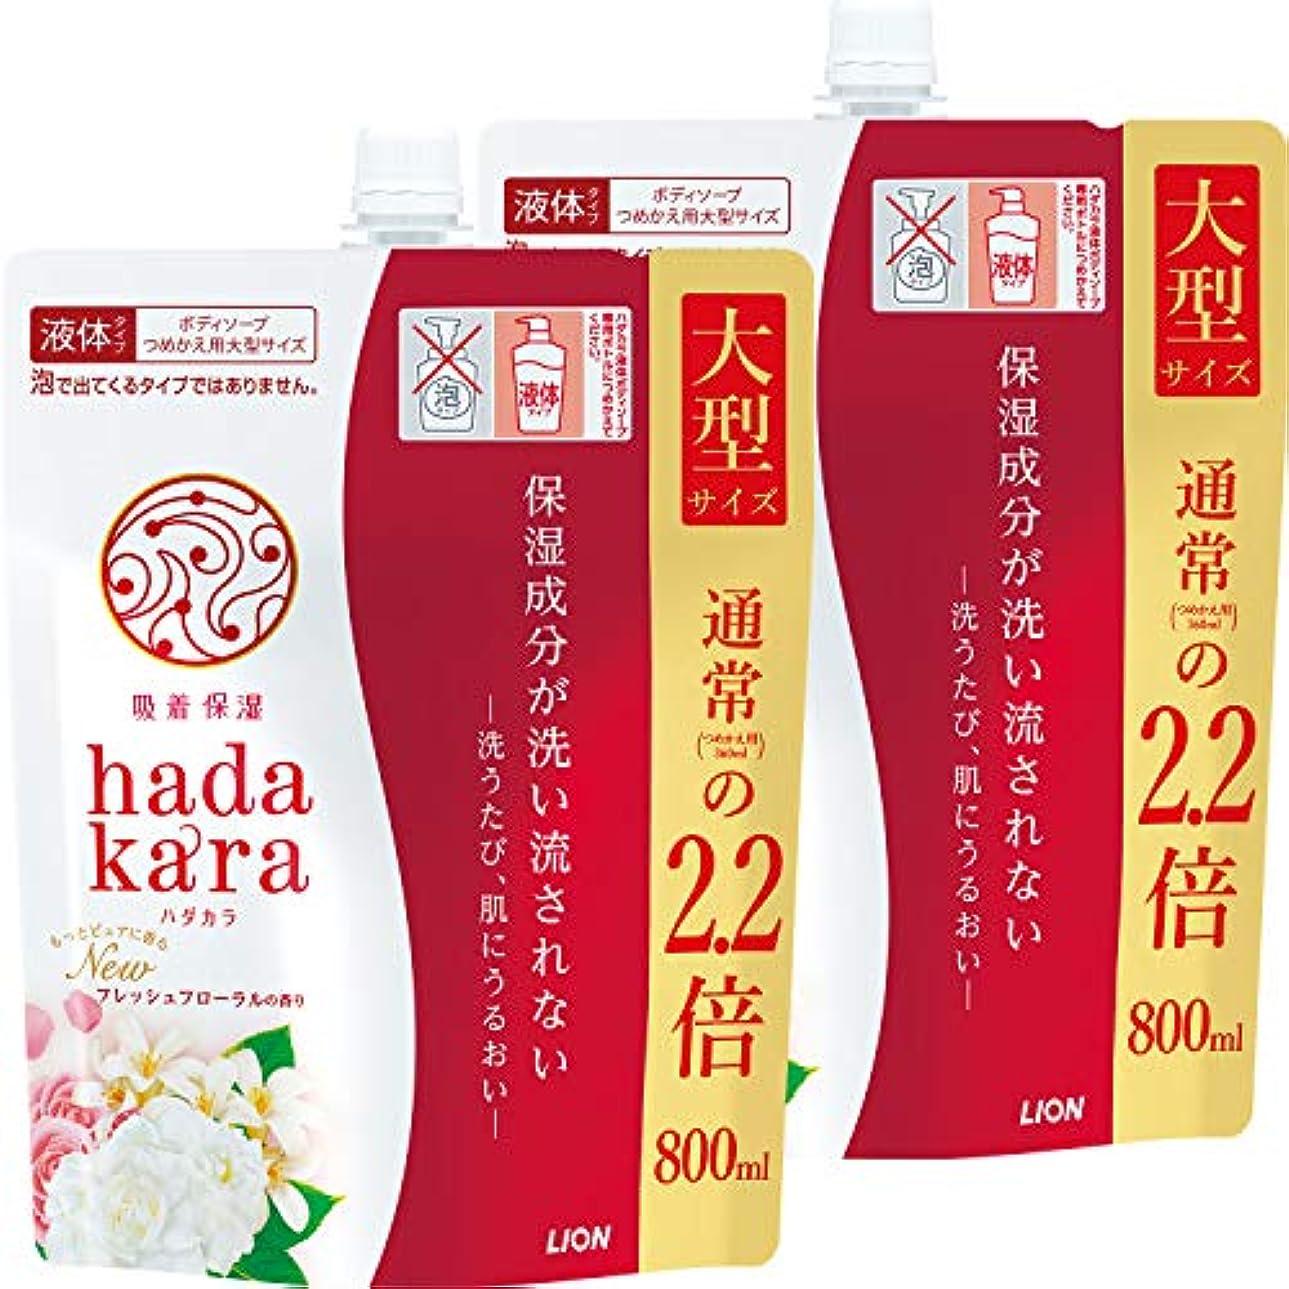 包帯冒険者床を掃除するhadakara(ハダカラ) ボディソープ フレッシュフローラルの香り つめかえ用大型サイズ 800ml×2個